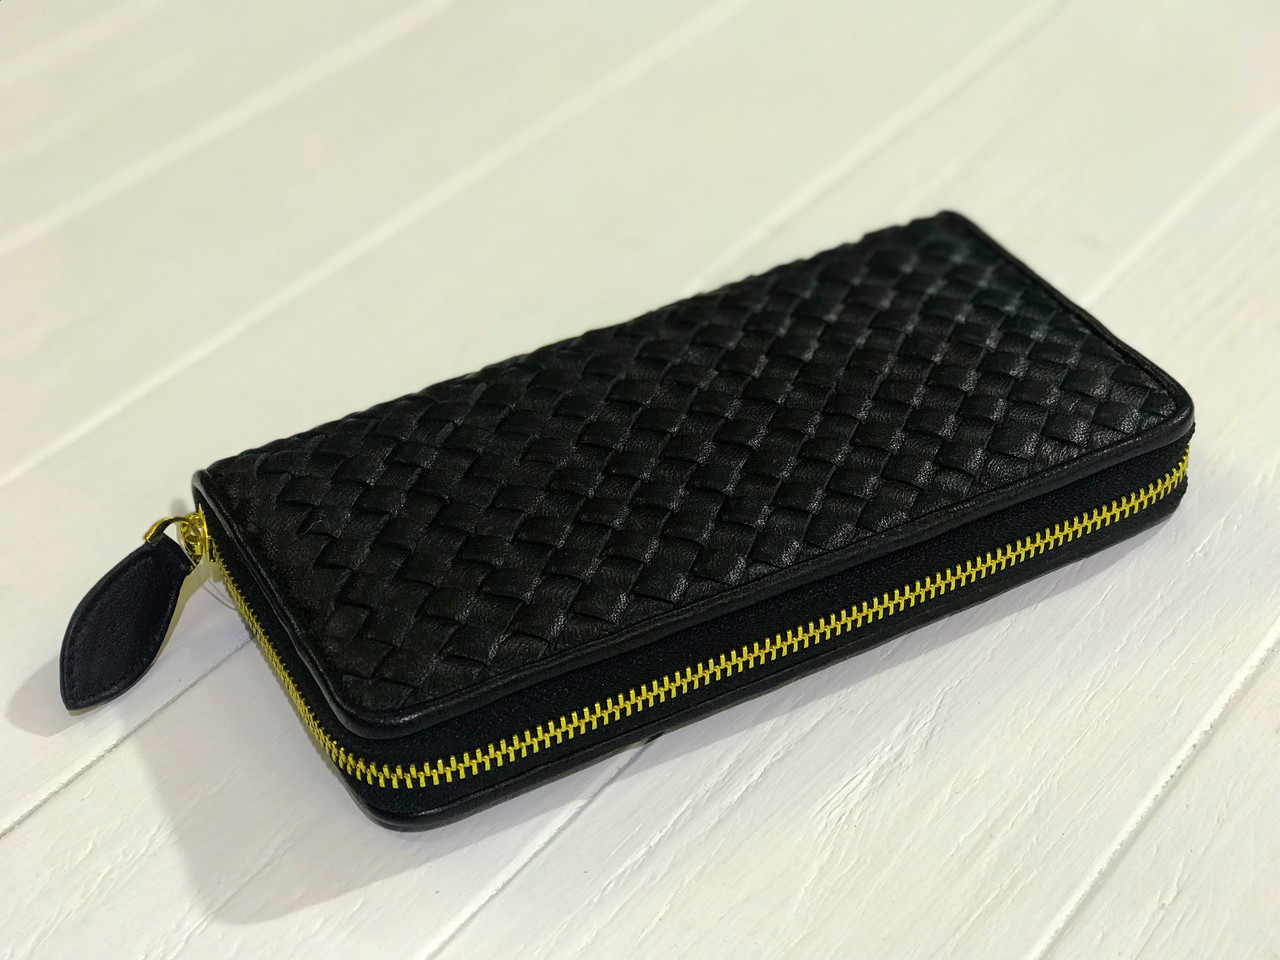 01b193e9b497 Кошелек Bottega Veneta черный - Dizar Украина - чемоданы, сумки, аксессуары  в Херсоне